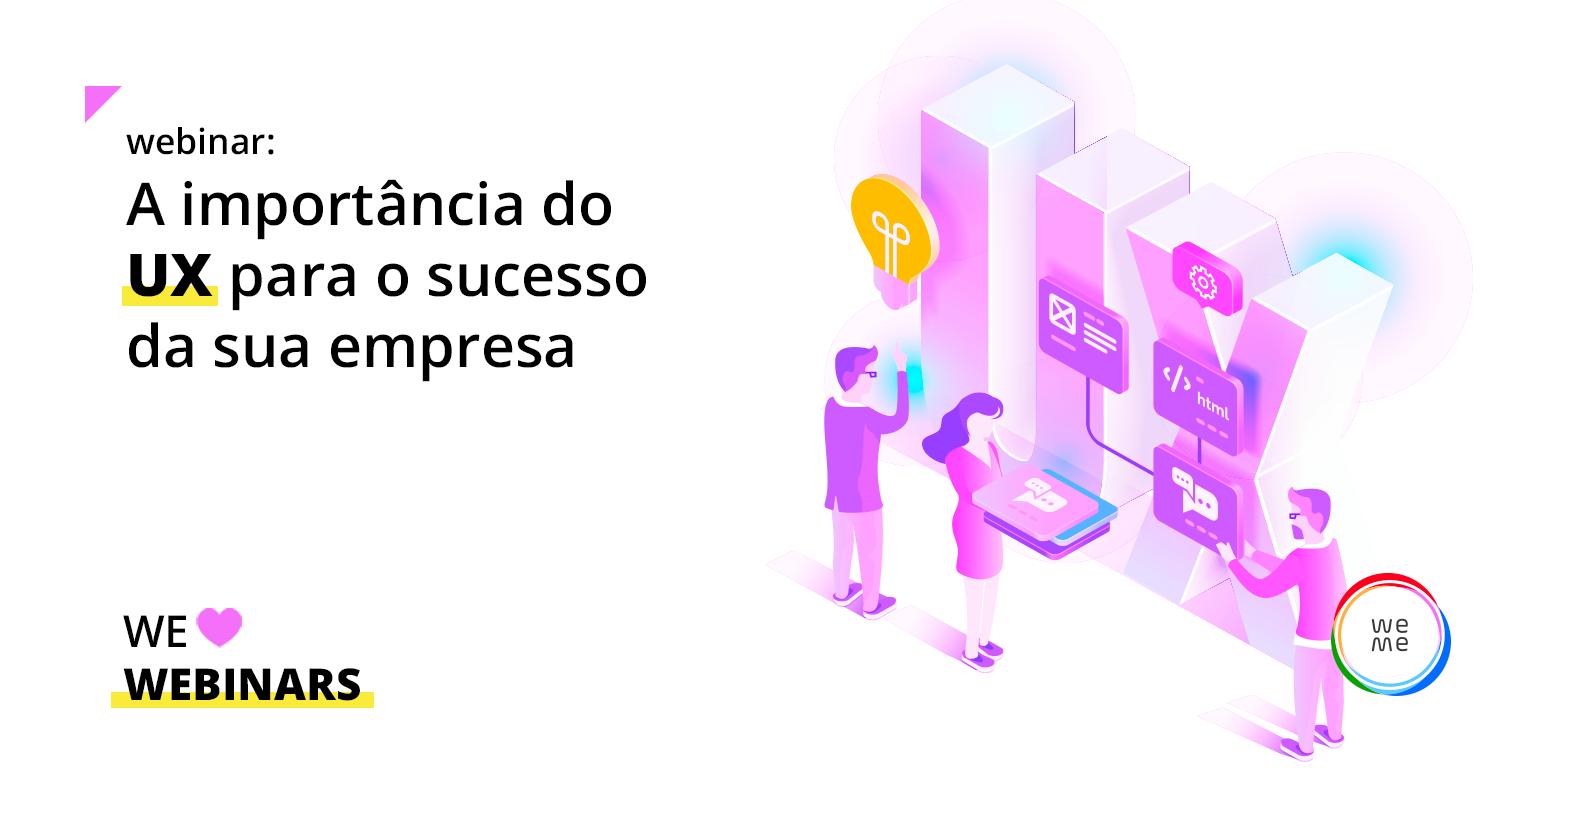 A importância do UX para o sucesso da sua empresa